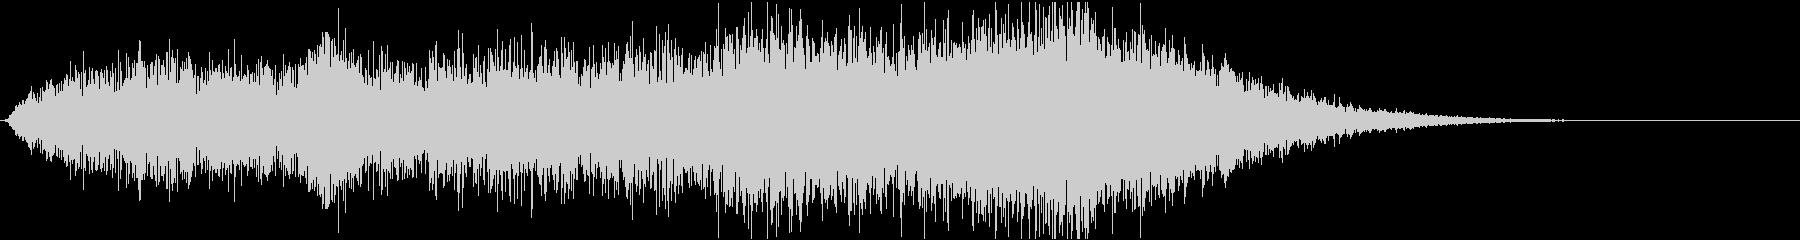 ホラー系効果音17の未再生の波形